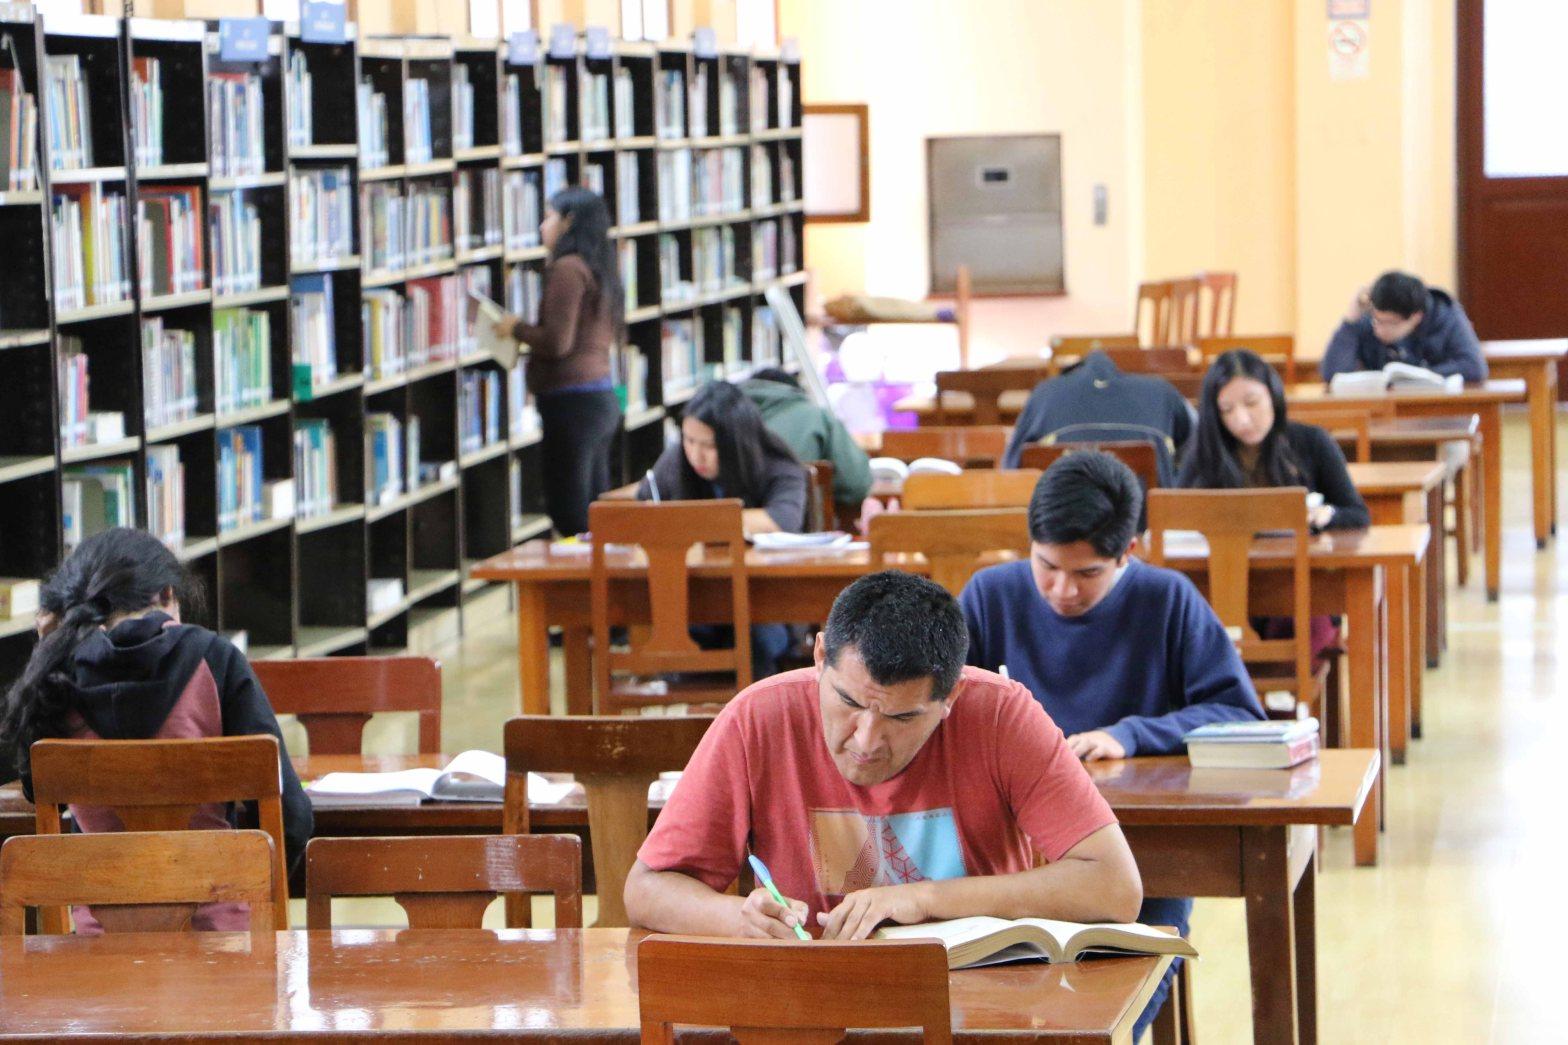 Biblioteca Pública de Lima atendió a 80 mil usuarios en trimestre 2019